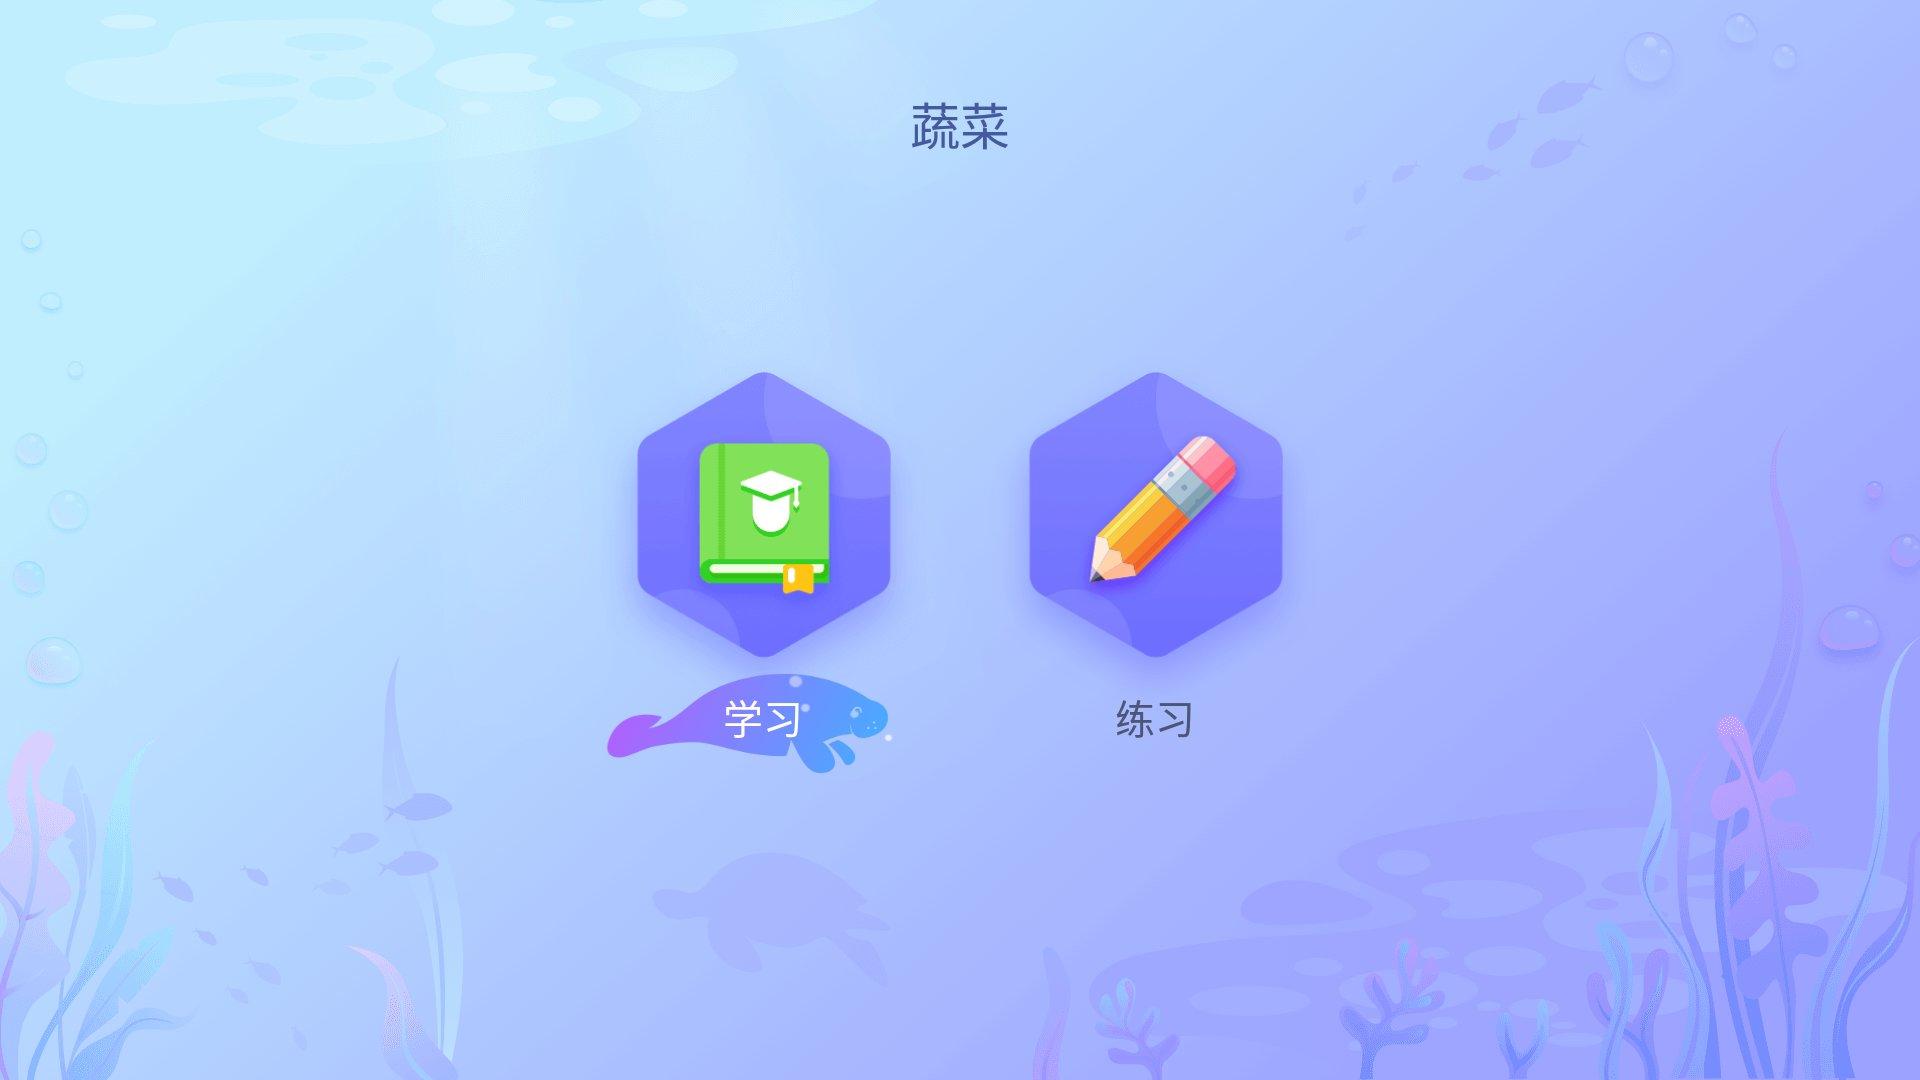 当贝超级盒子V2081更新 新增当贝识字和自定义限制后台进程功能